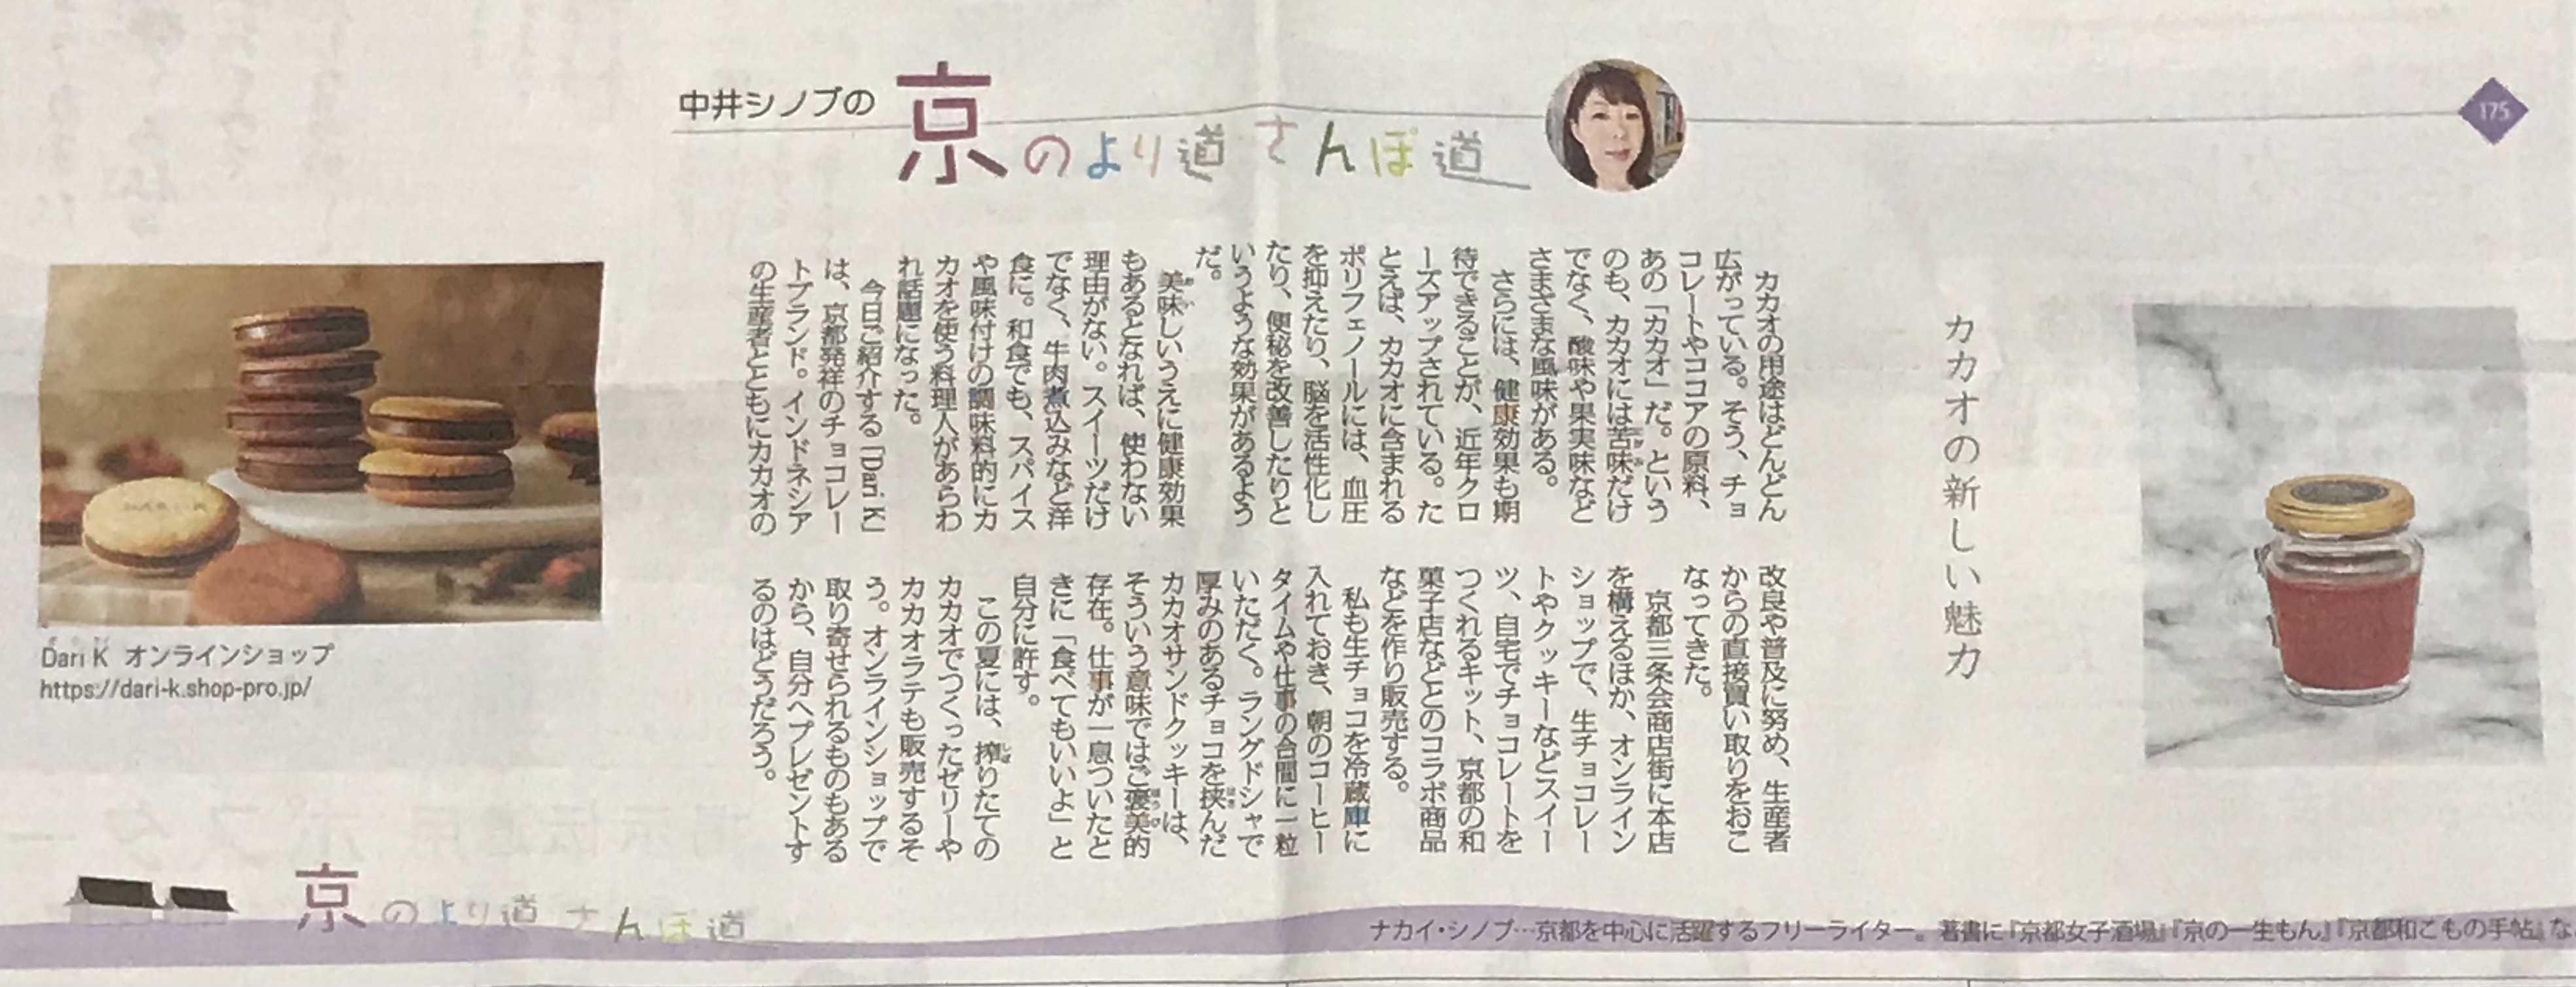 本願寺新報紙面